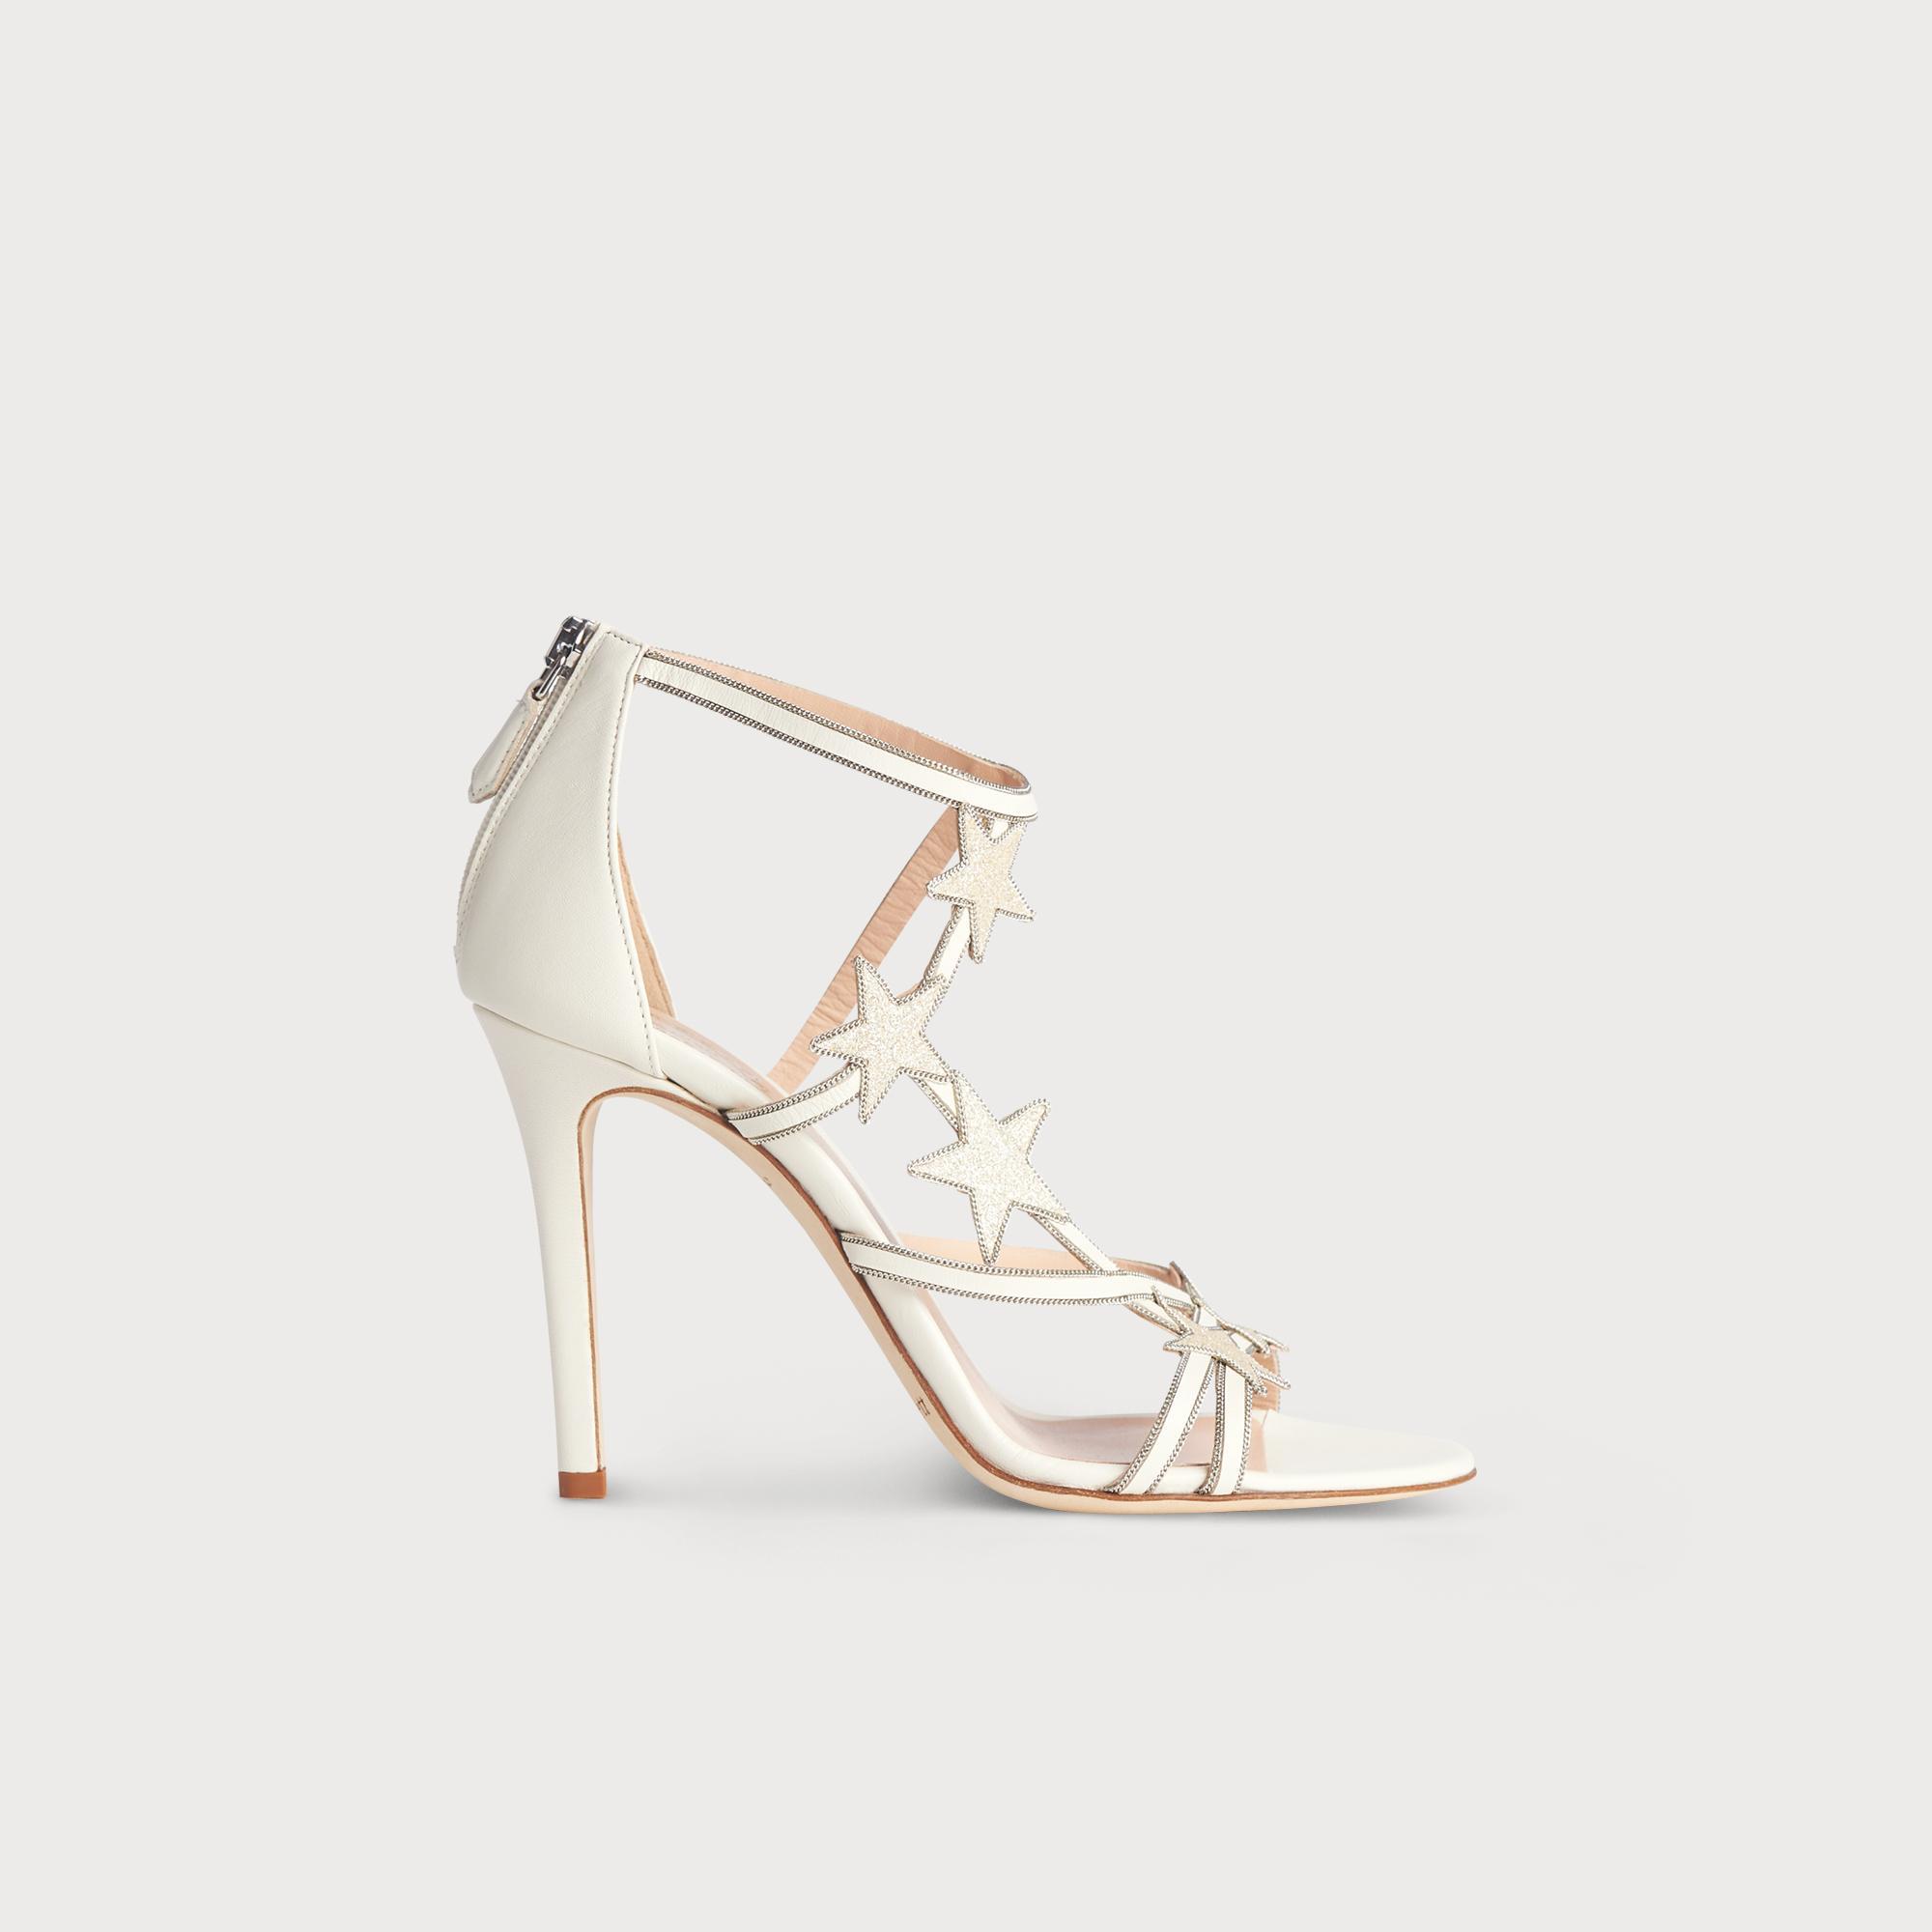 Felicity Star Embellished Sandal